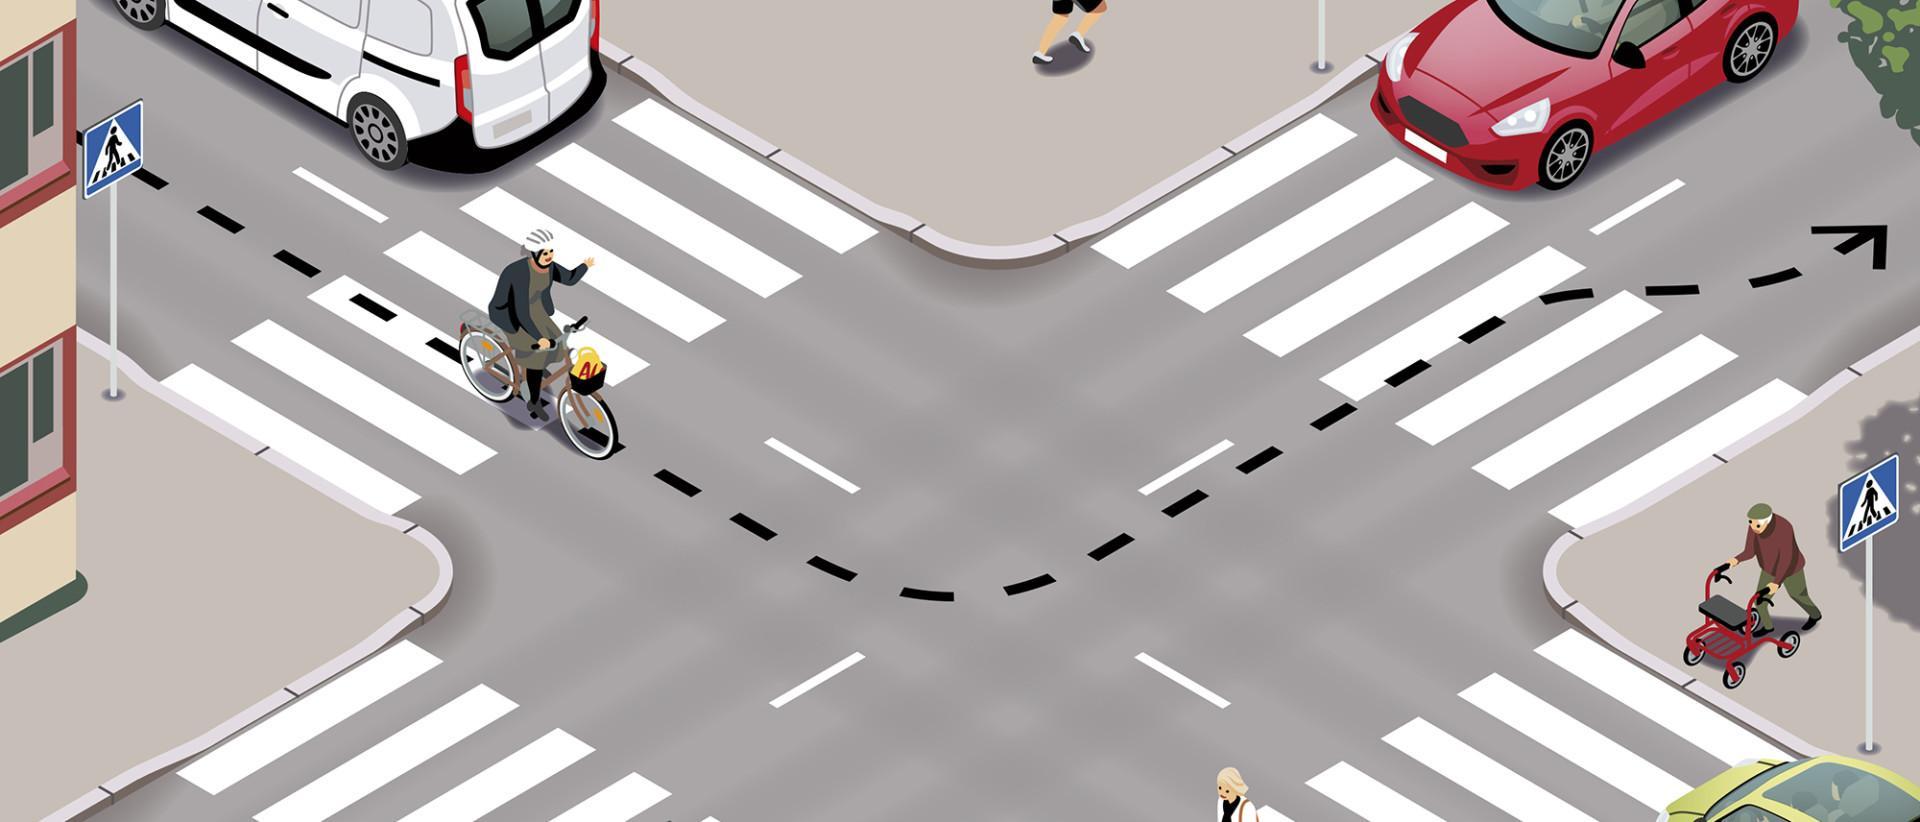 Pyöräilijä on ajoneuvon kuljettaja. Kuva Jussi Kaakinen/Liikenneturva.